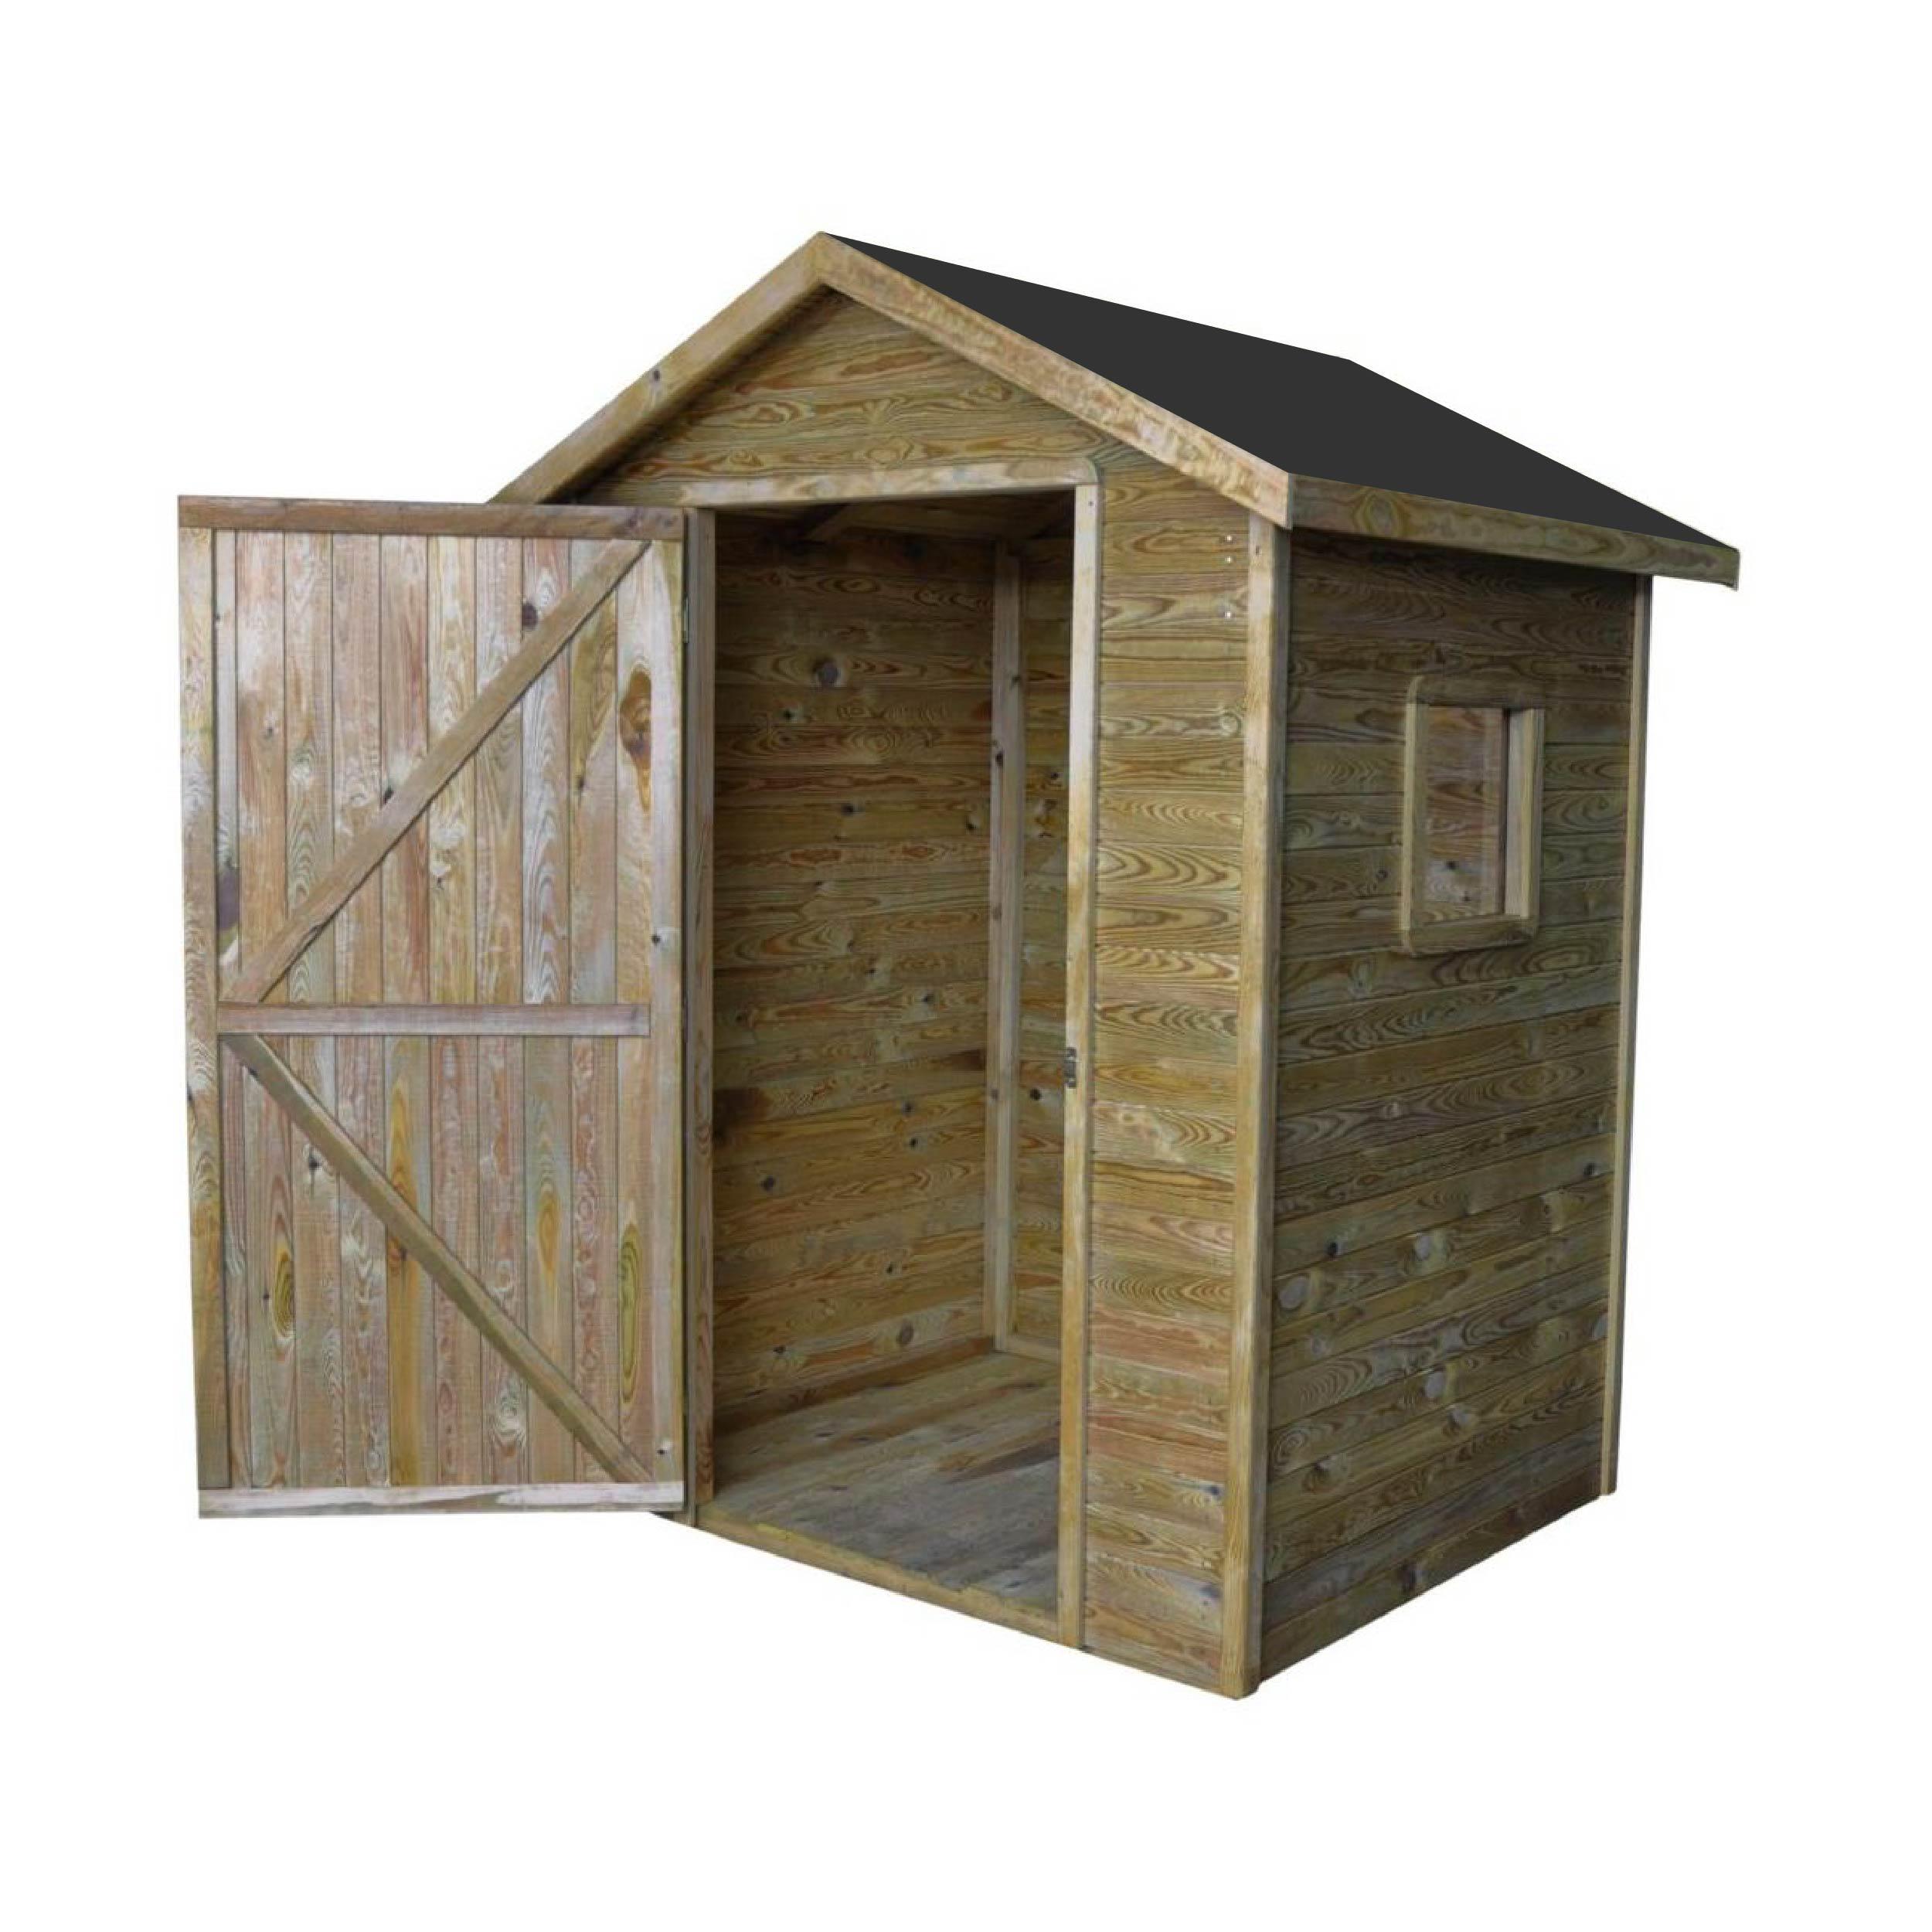 Zahradní dřevěný domek 1,5x1,5m, (16mm), s oknem, ZAMORA